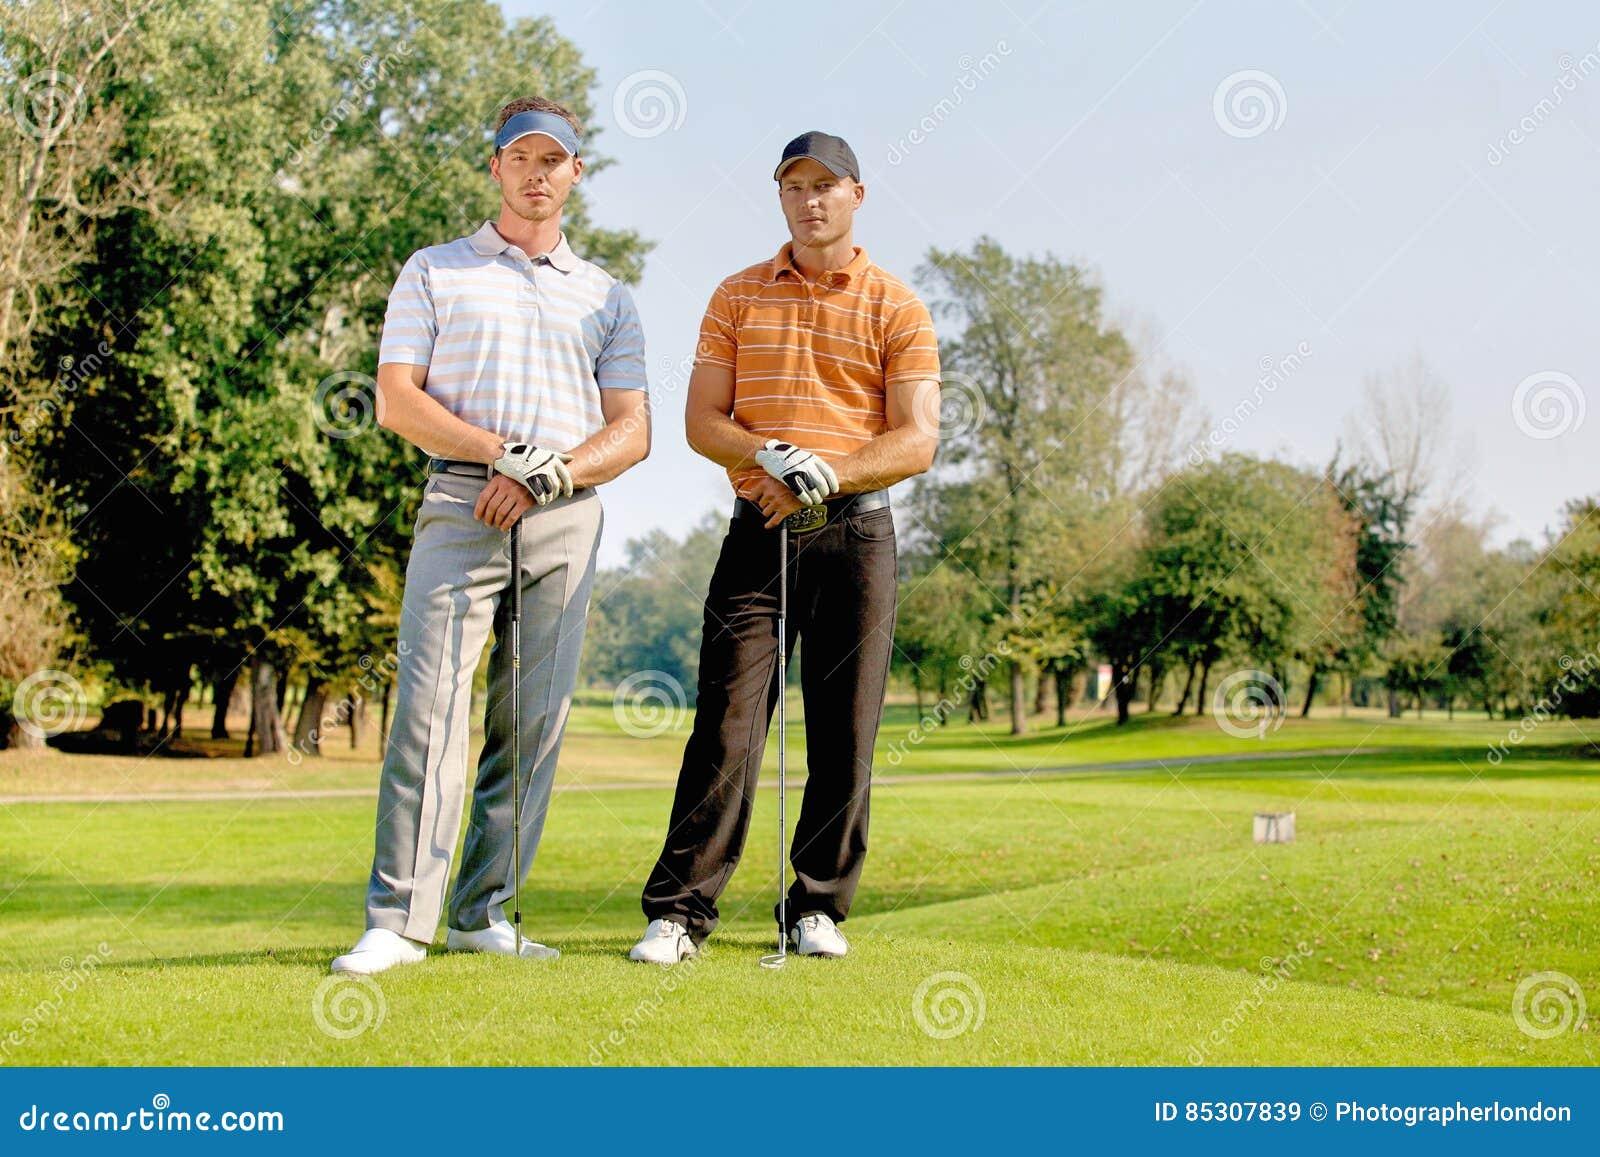 Portret młodzi człowiecy stoi z golfem wtyka na polu golfowym